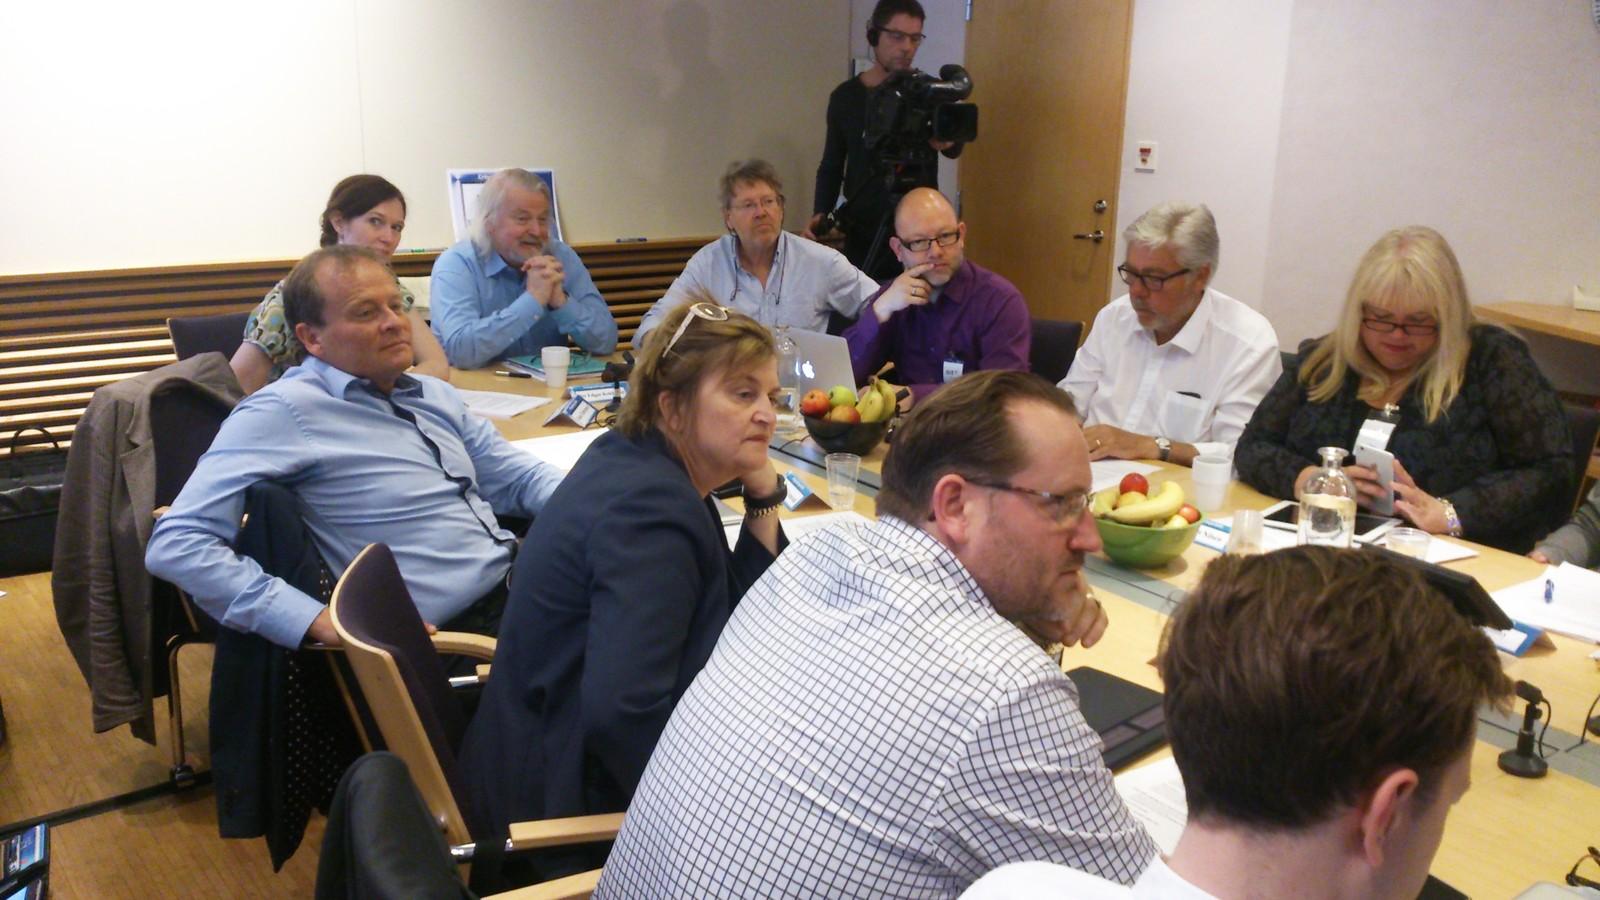 Kringkastingsrådet ledet av Per Edgar Kokkvold har møte i Stockholm i 2015.